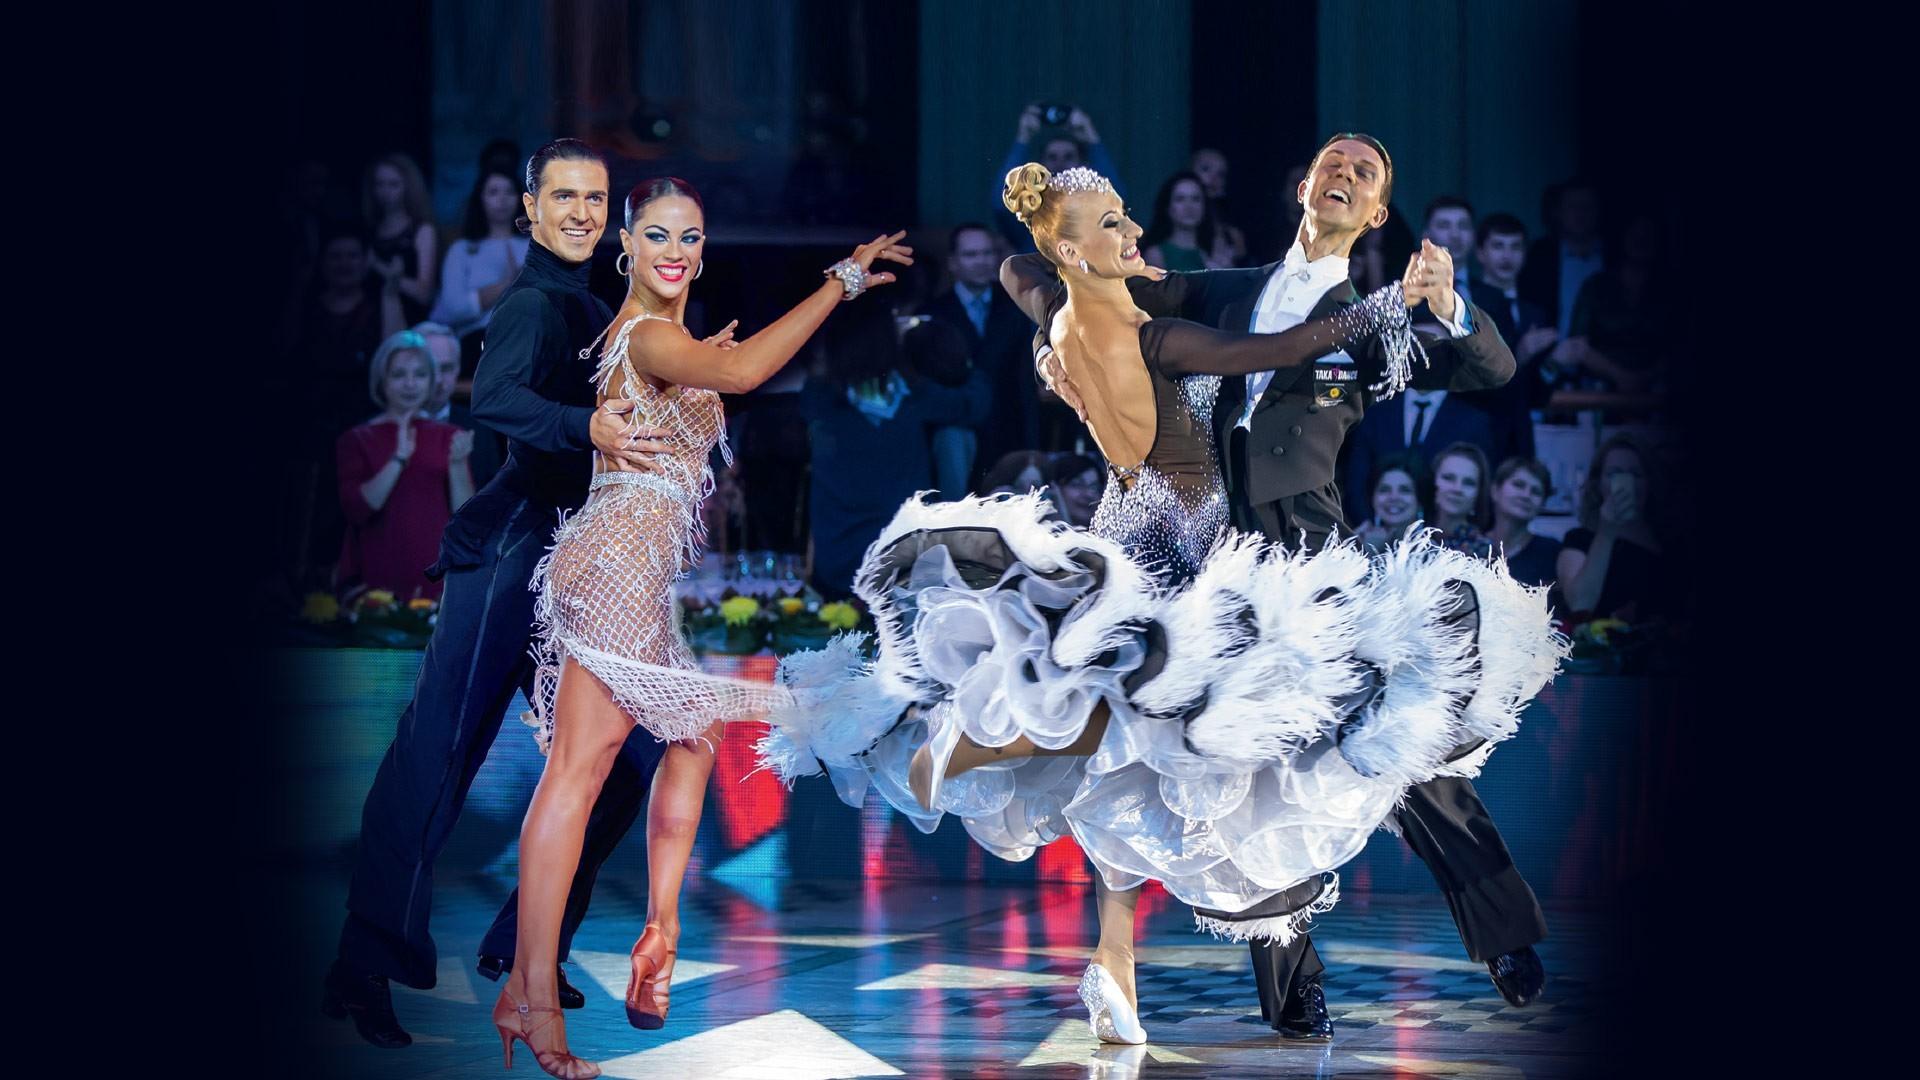 Чемпионат Европы 2020 по латиноамериканским танцам среди профессионалов